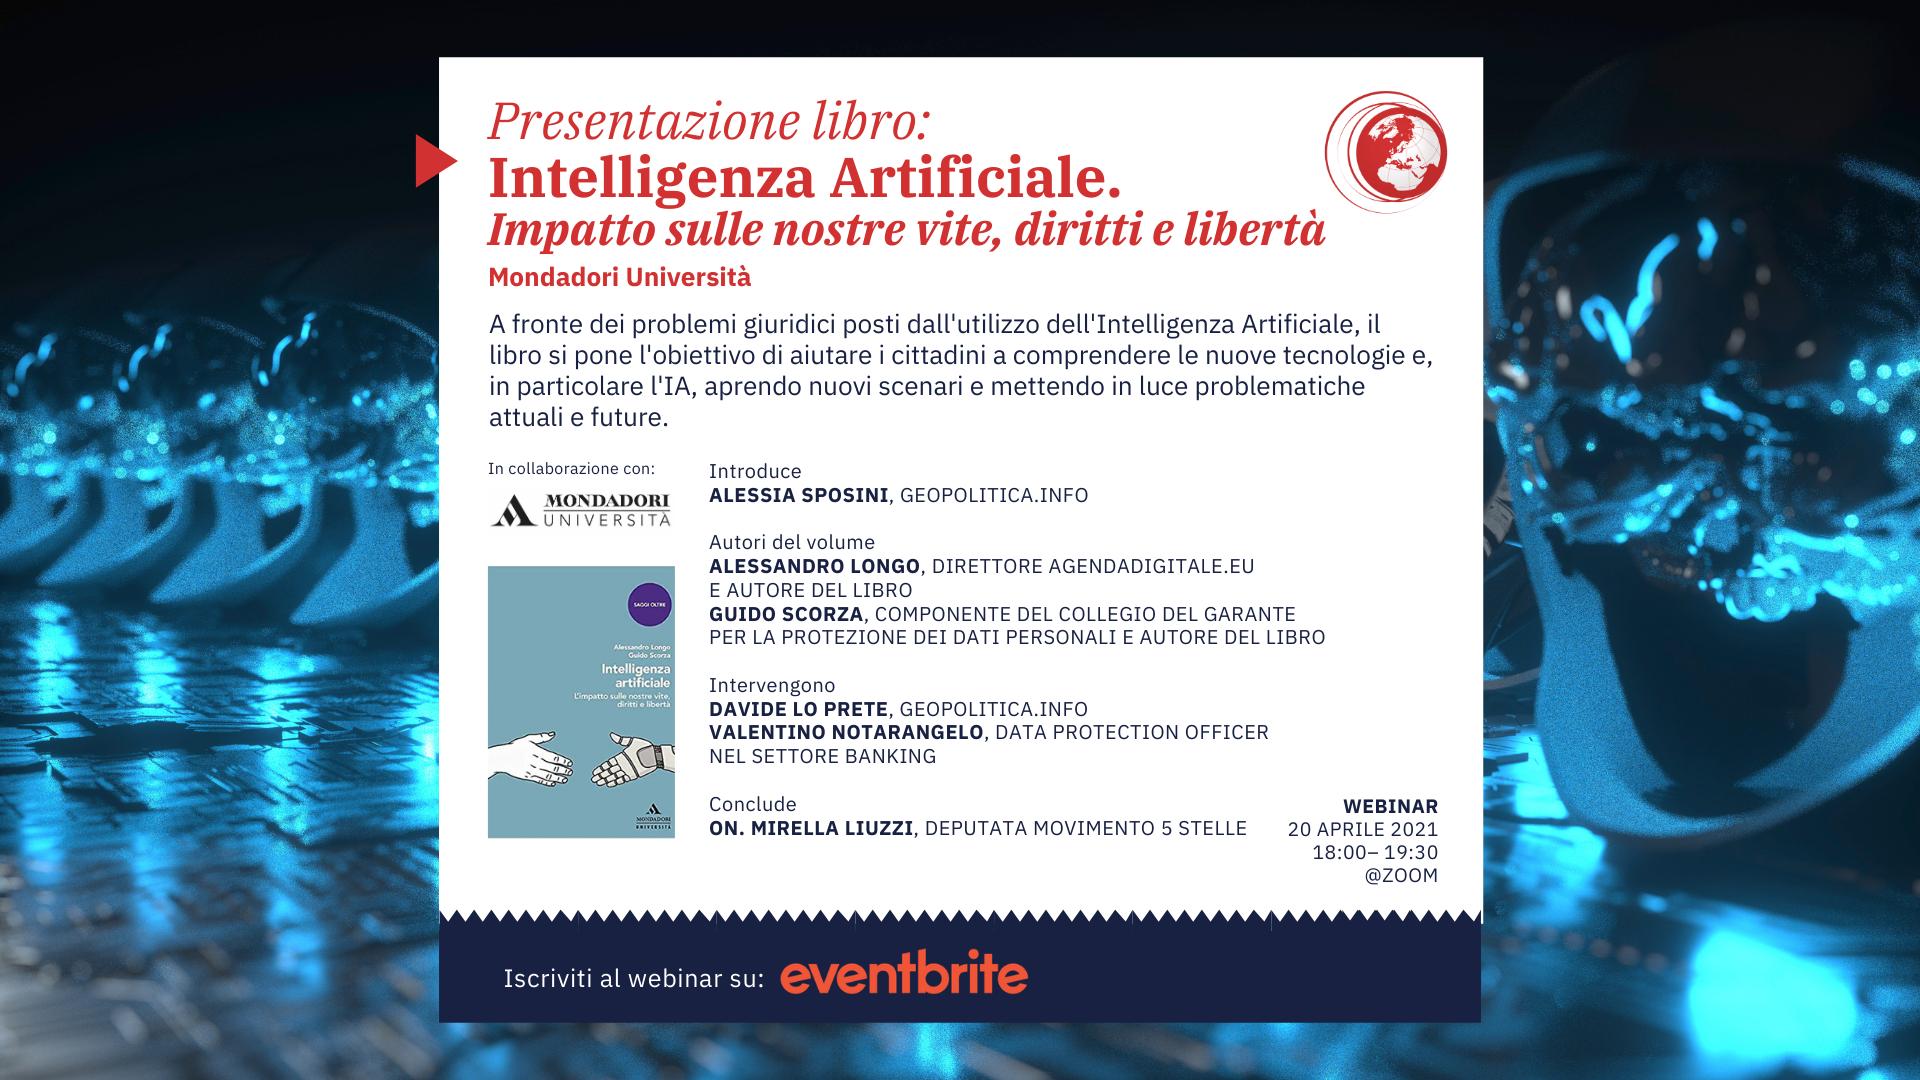 Presentazione libro: Intelligenza Artificiale. Impatto sulle nostre vite, diritti e libertà (Mondadori Università) – 20 aprile 2021, ore 18.00 – 19.30 – Webinar @zoom - Geopolitica.info